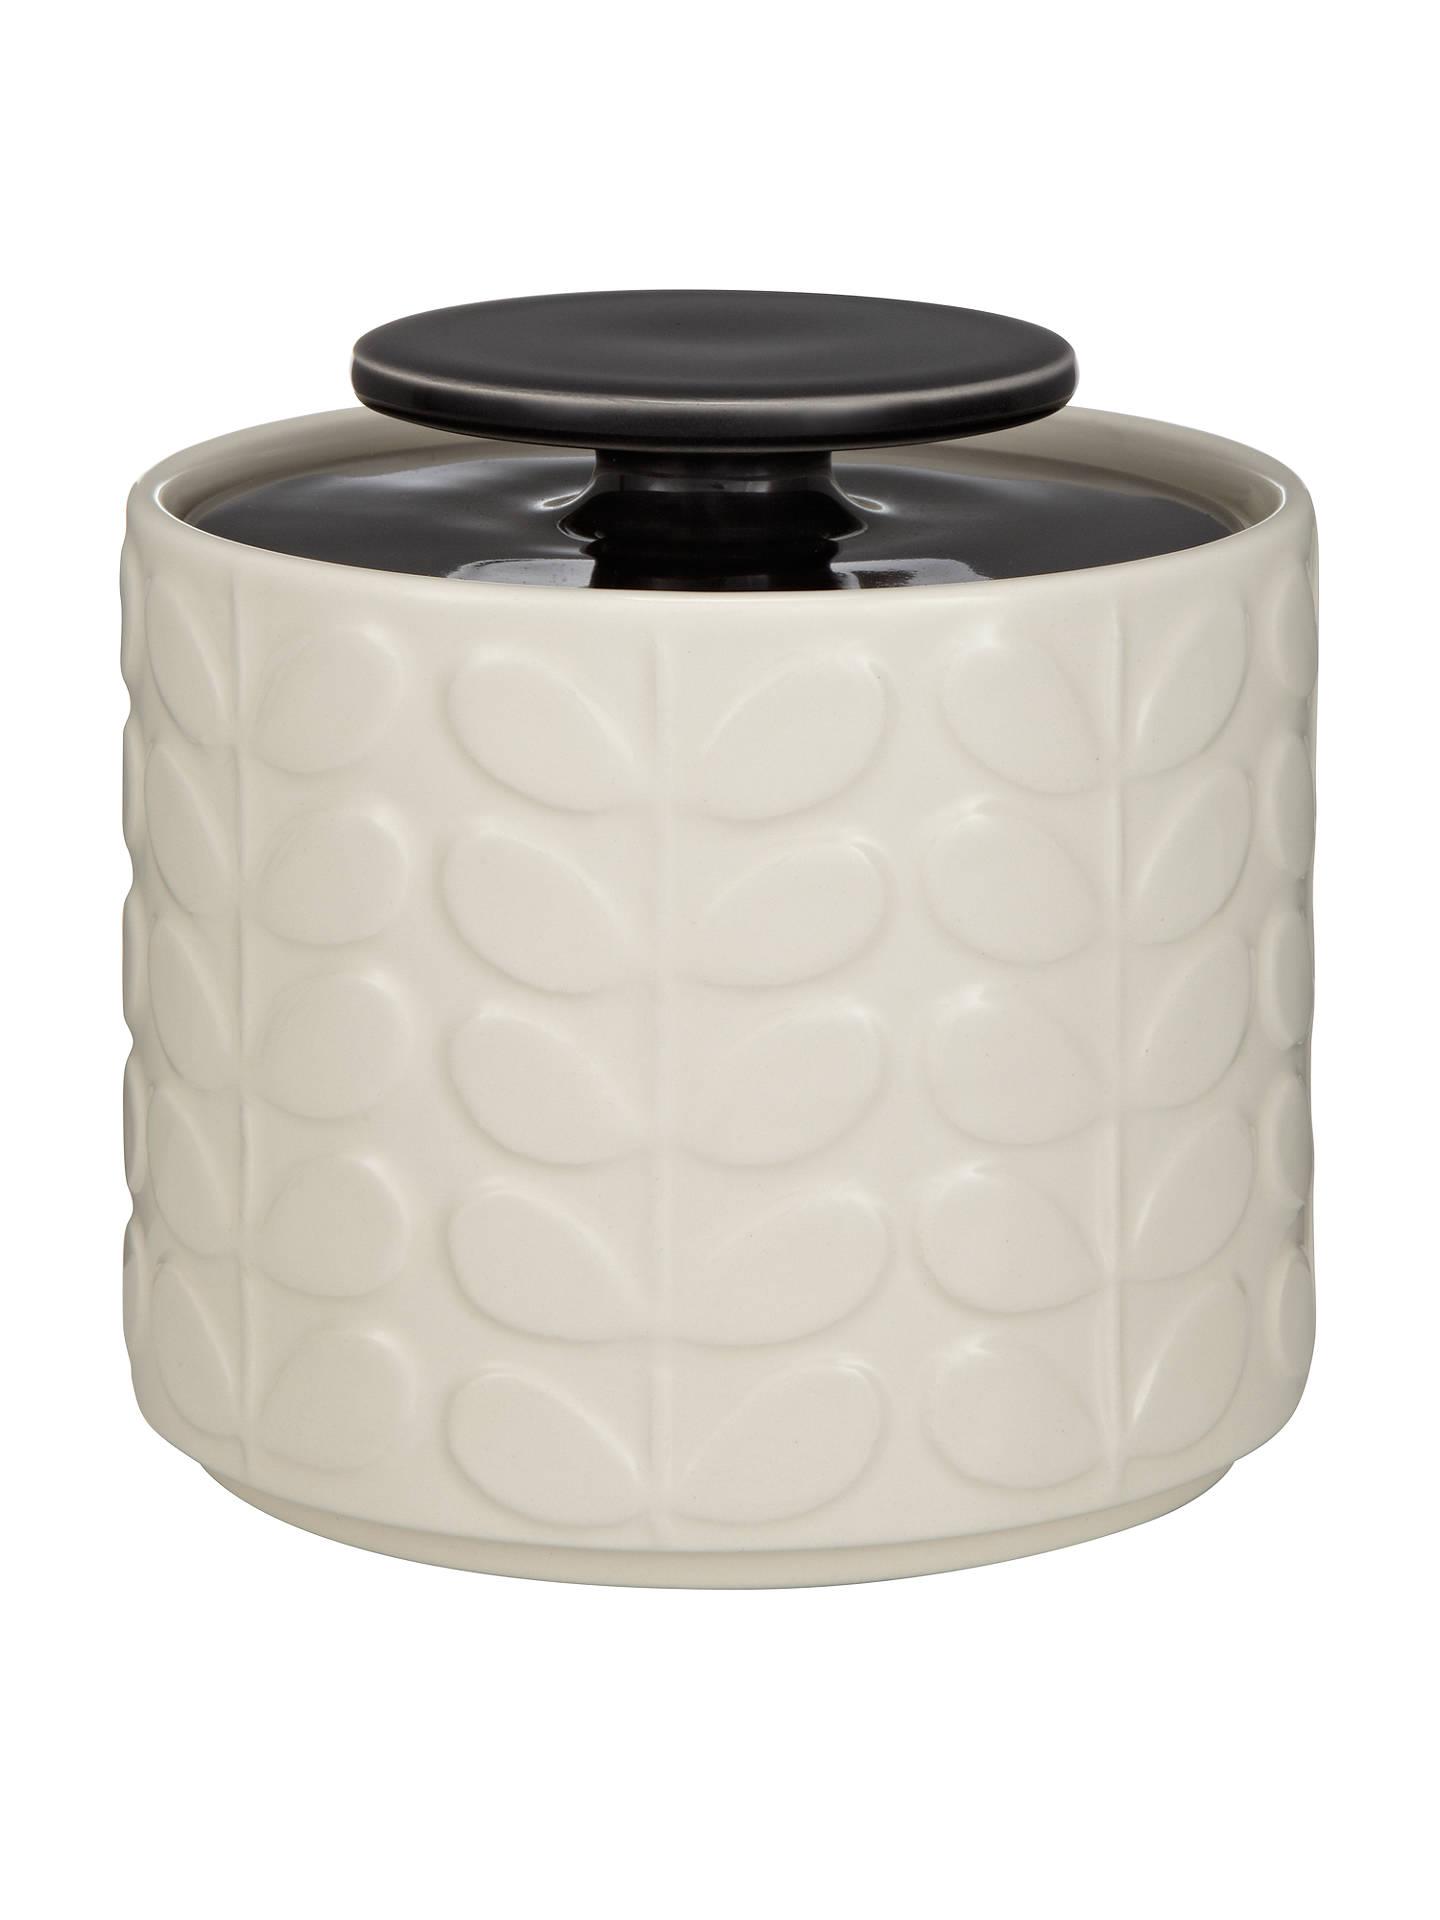 Orla Kiely Raised Stem Ceramic Kitchen Storage Jar 1l At John Lewis